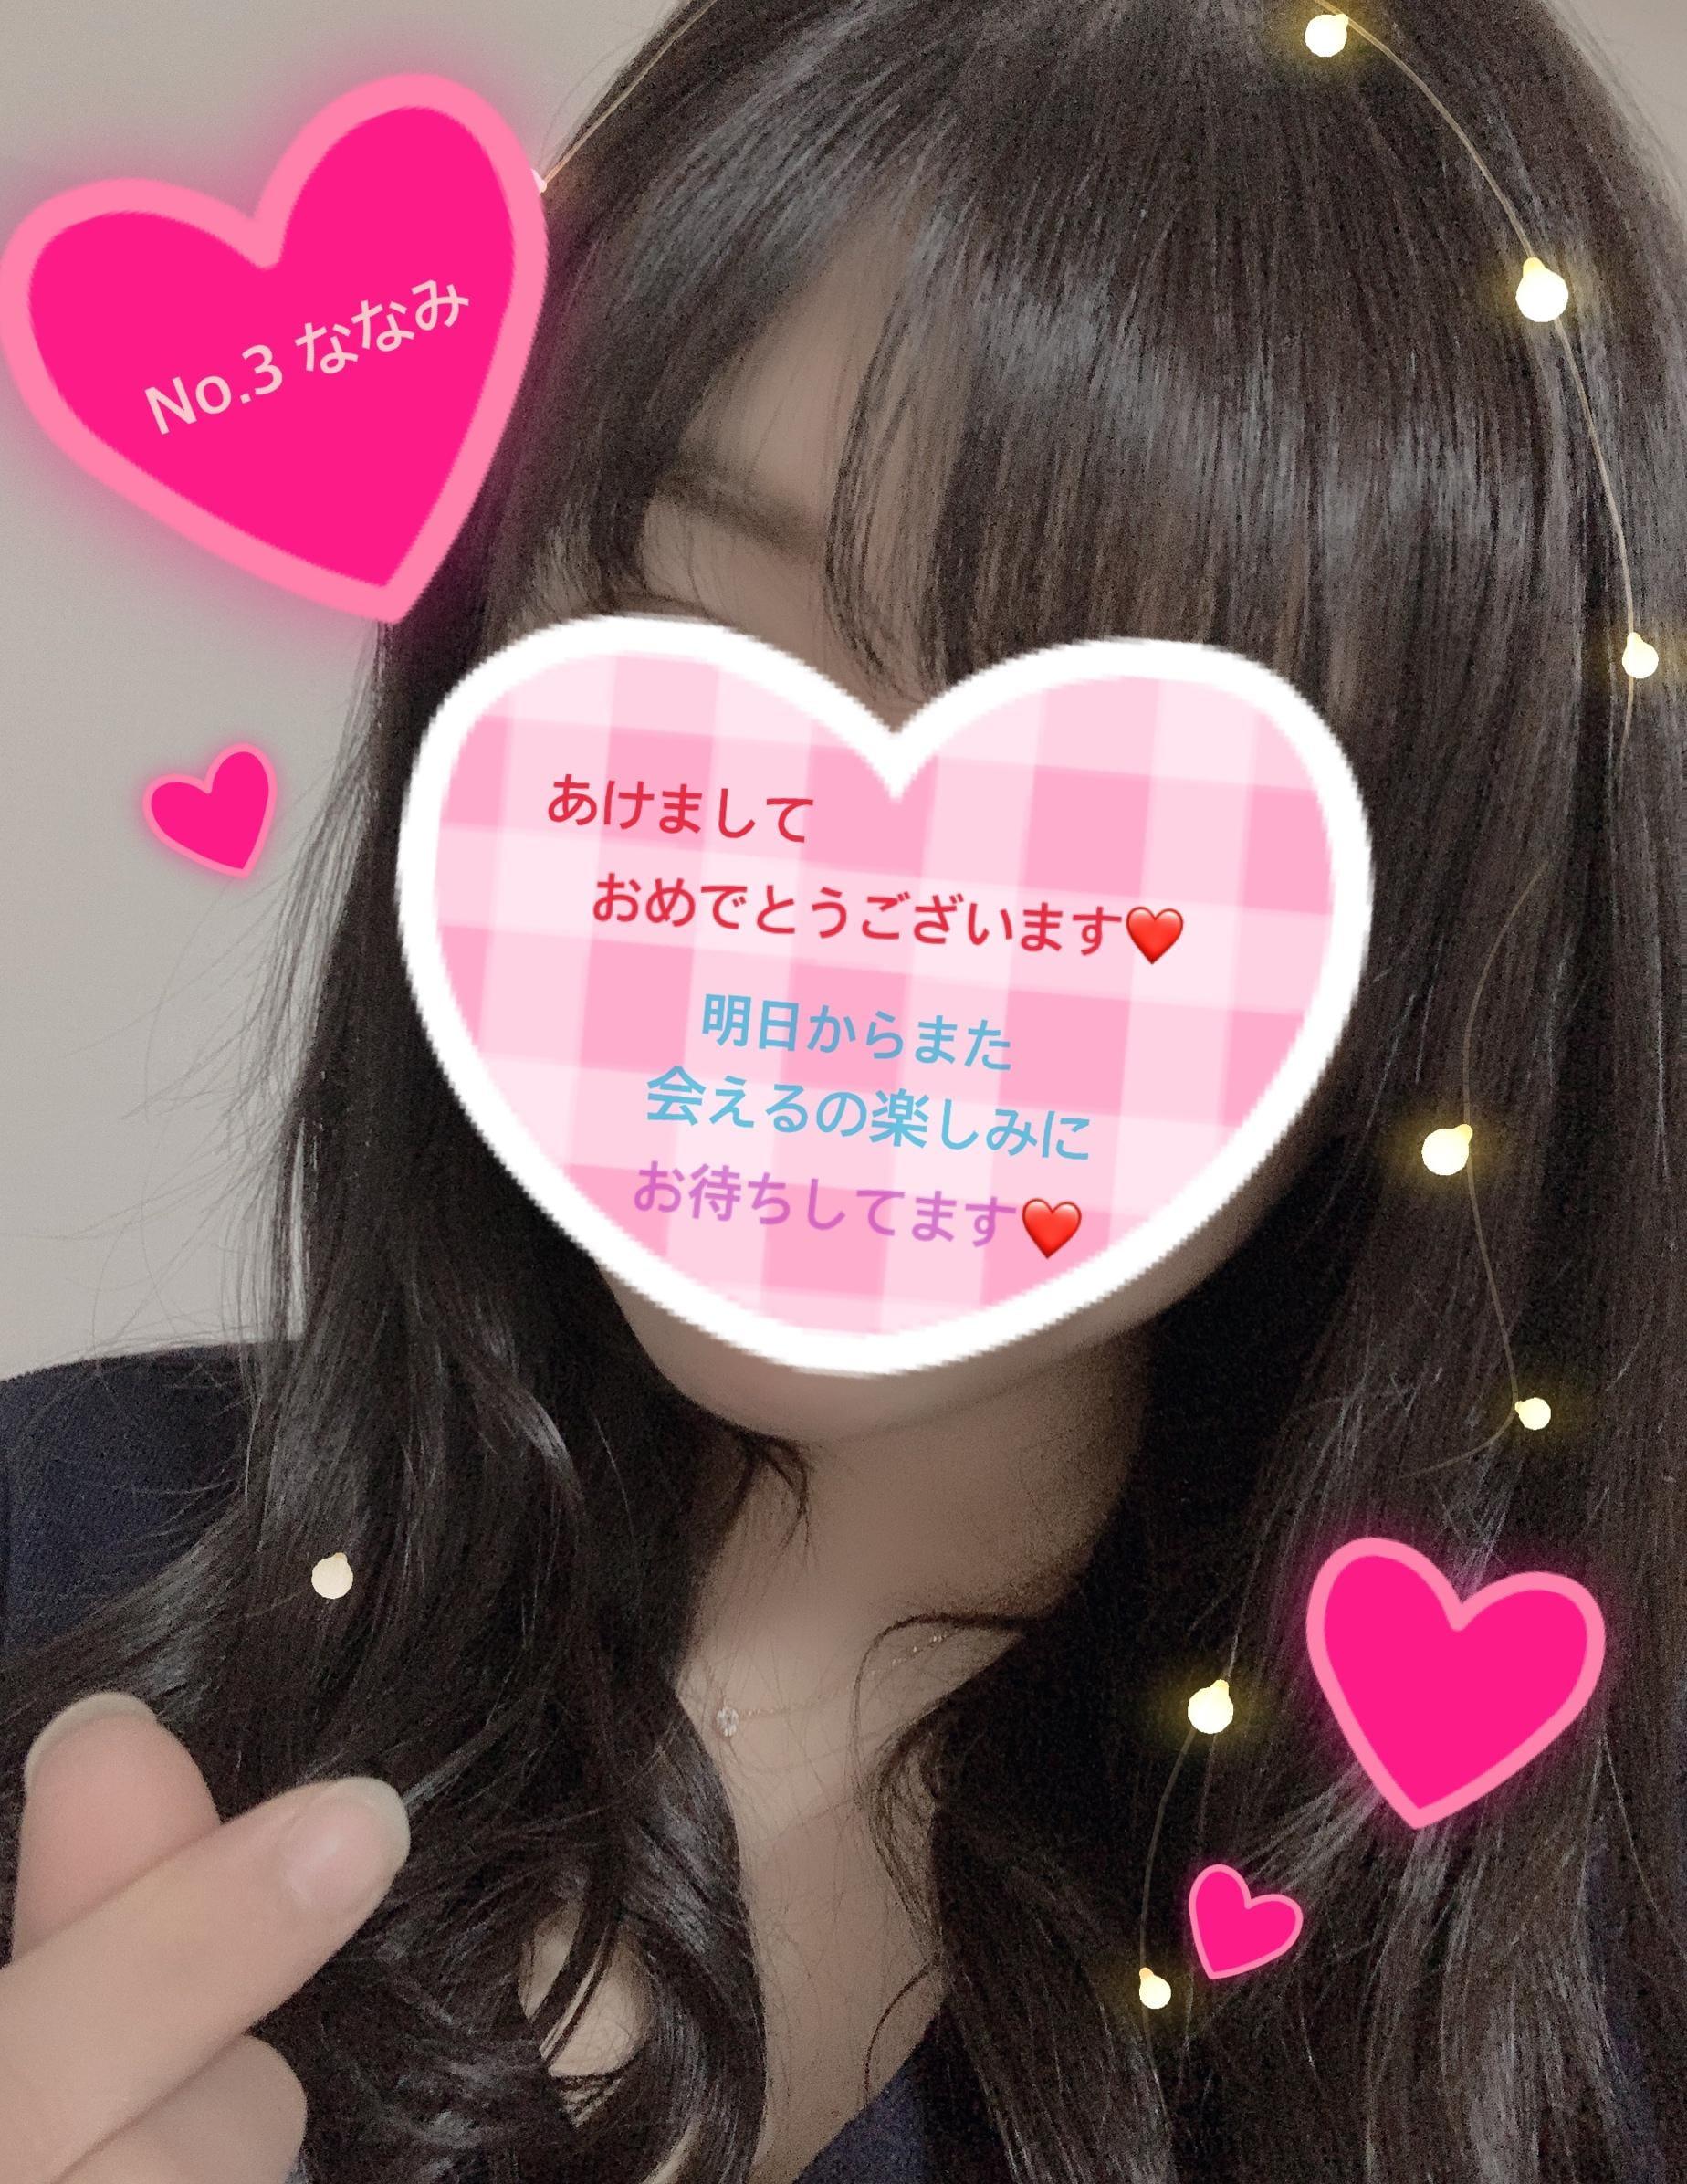 「あけまして\(°∀° )/」01/02(01/02) 21:13   ななみの写メ・風俗動画